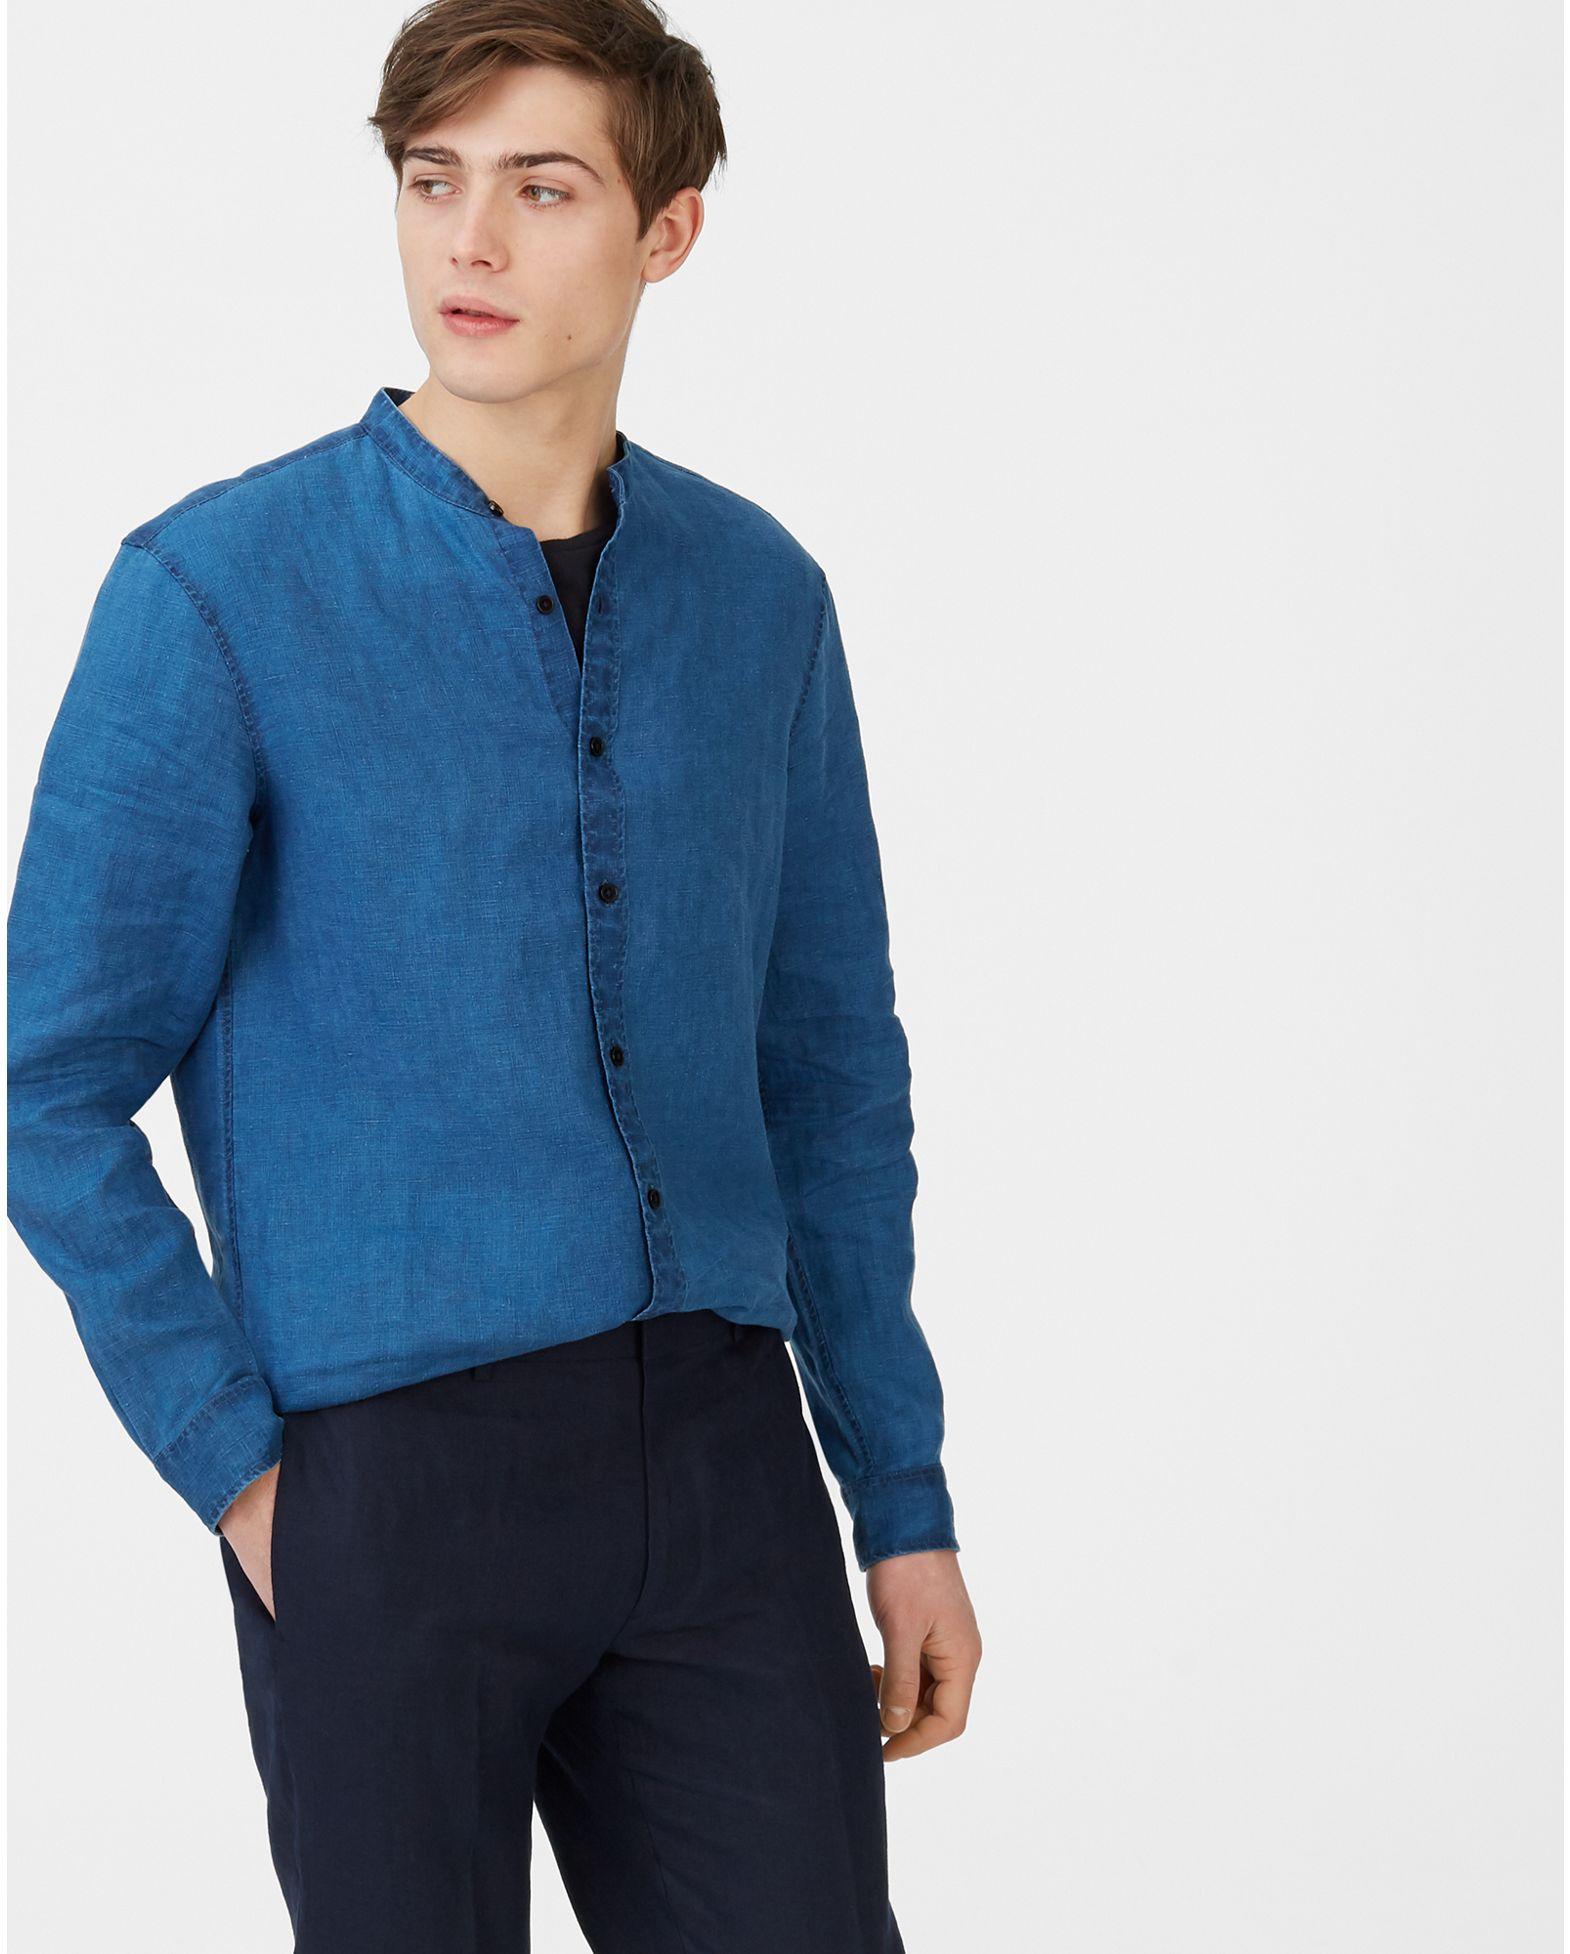 76852cfcea12f9 Slim Linen Band-Collar Shirt